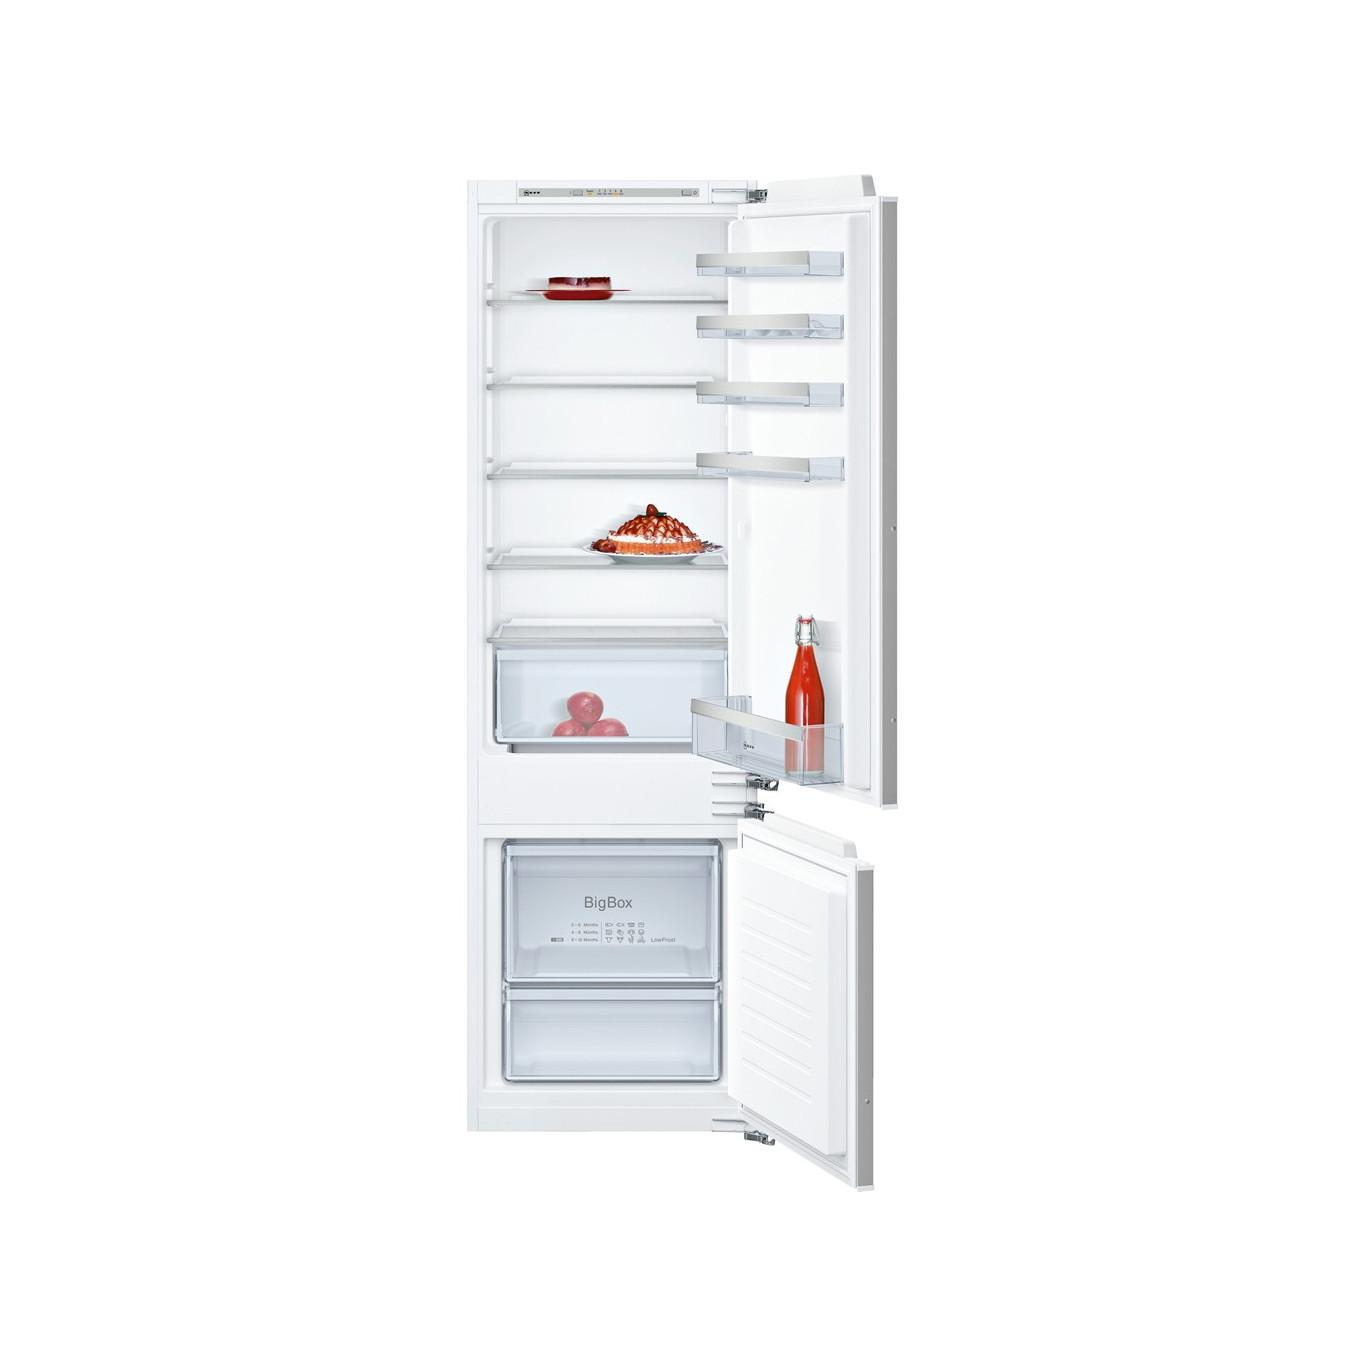 Neff N50 Built-In Fully Integrated 70/30 Fridge Freezer KI5872F30G